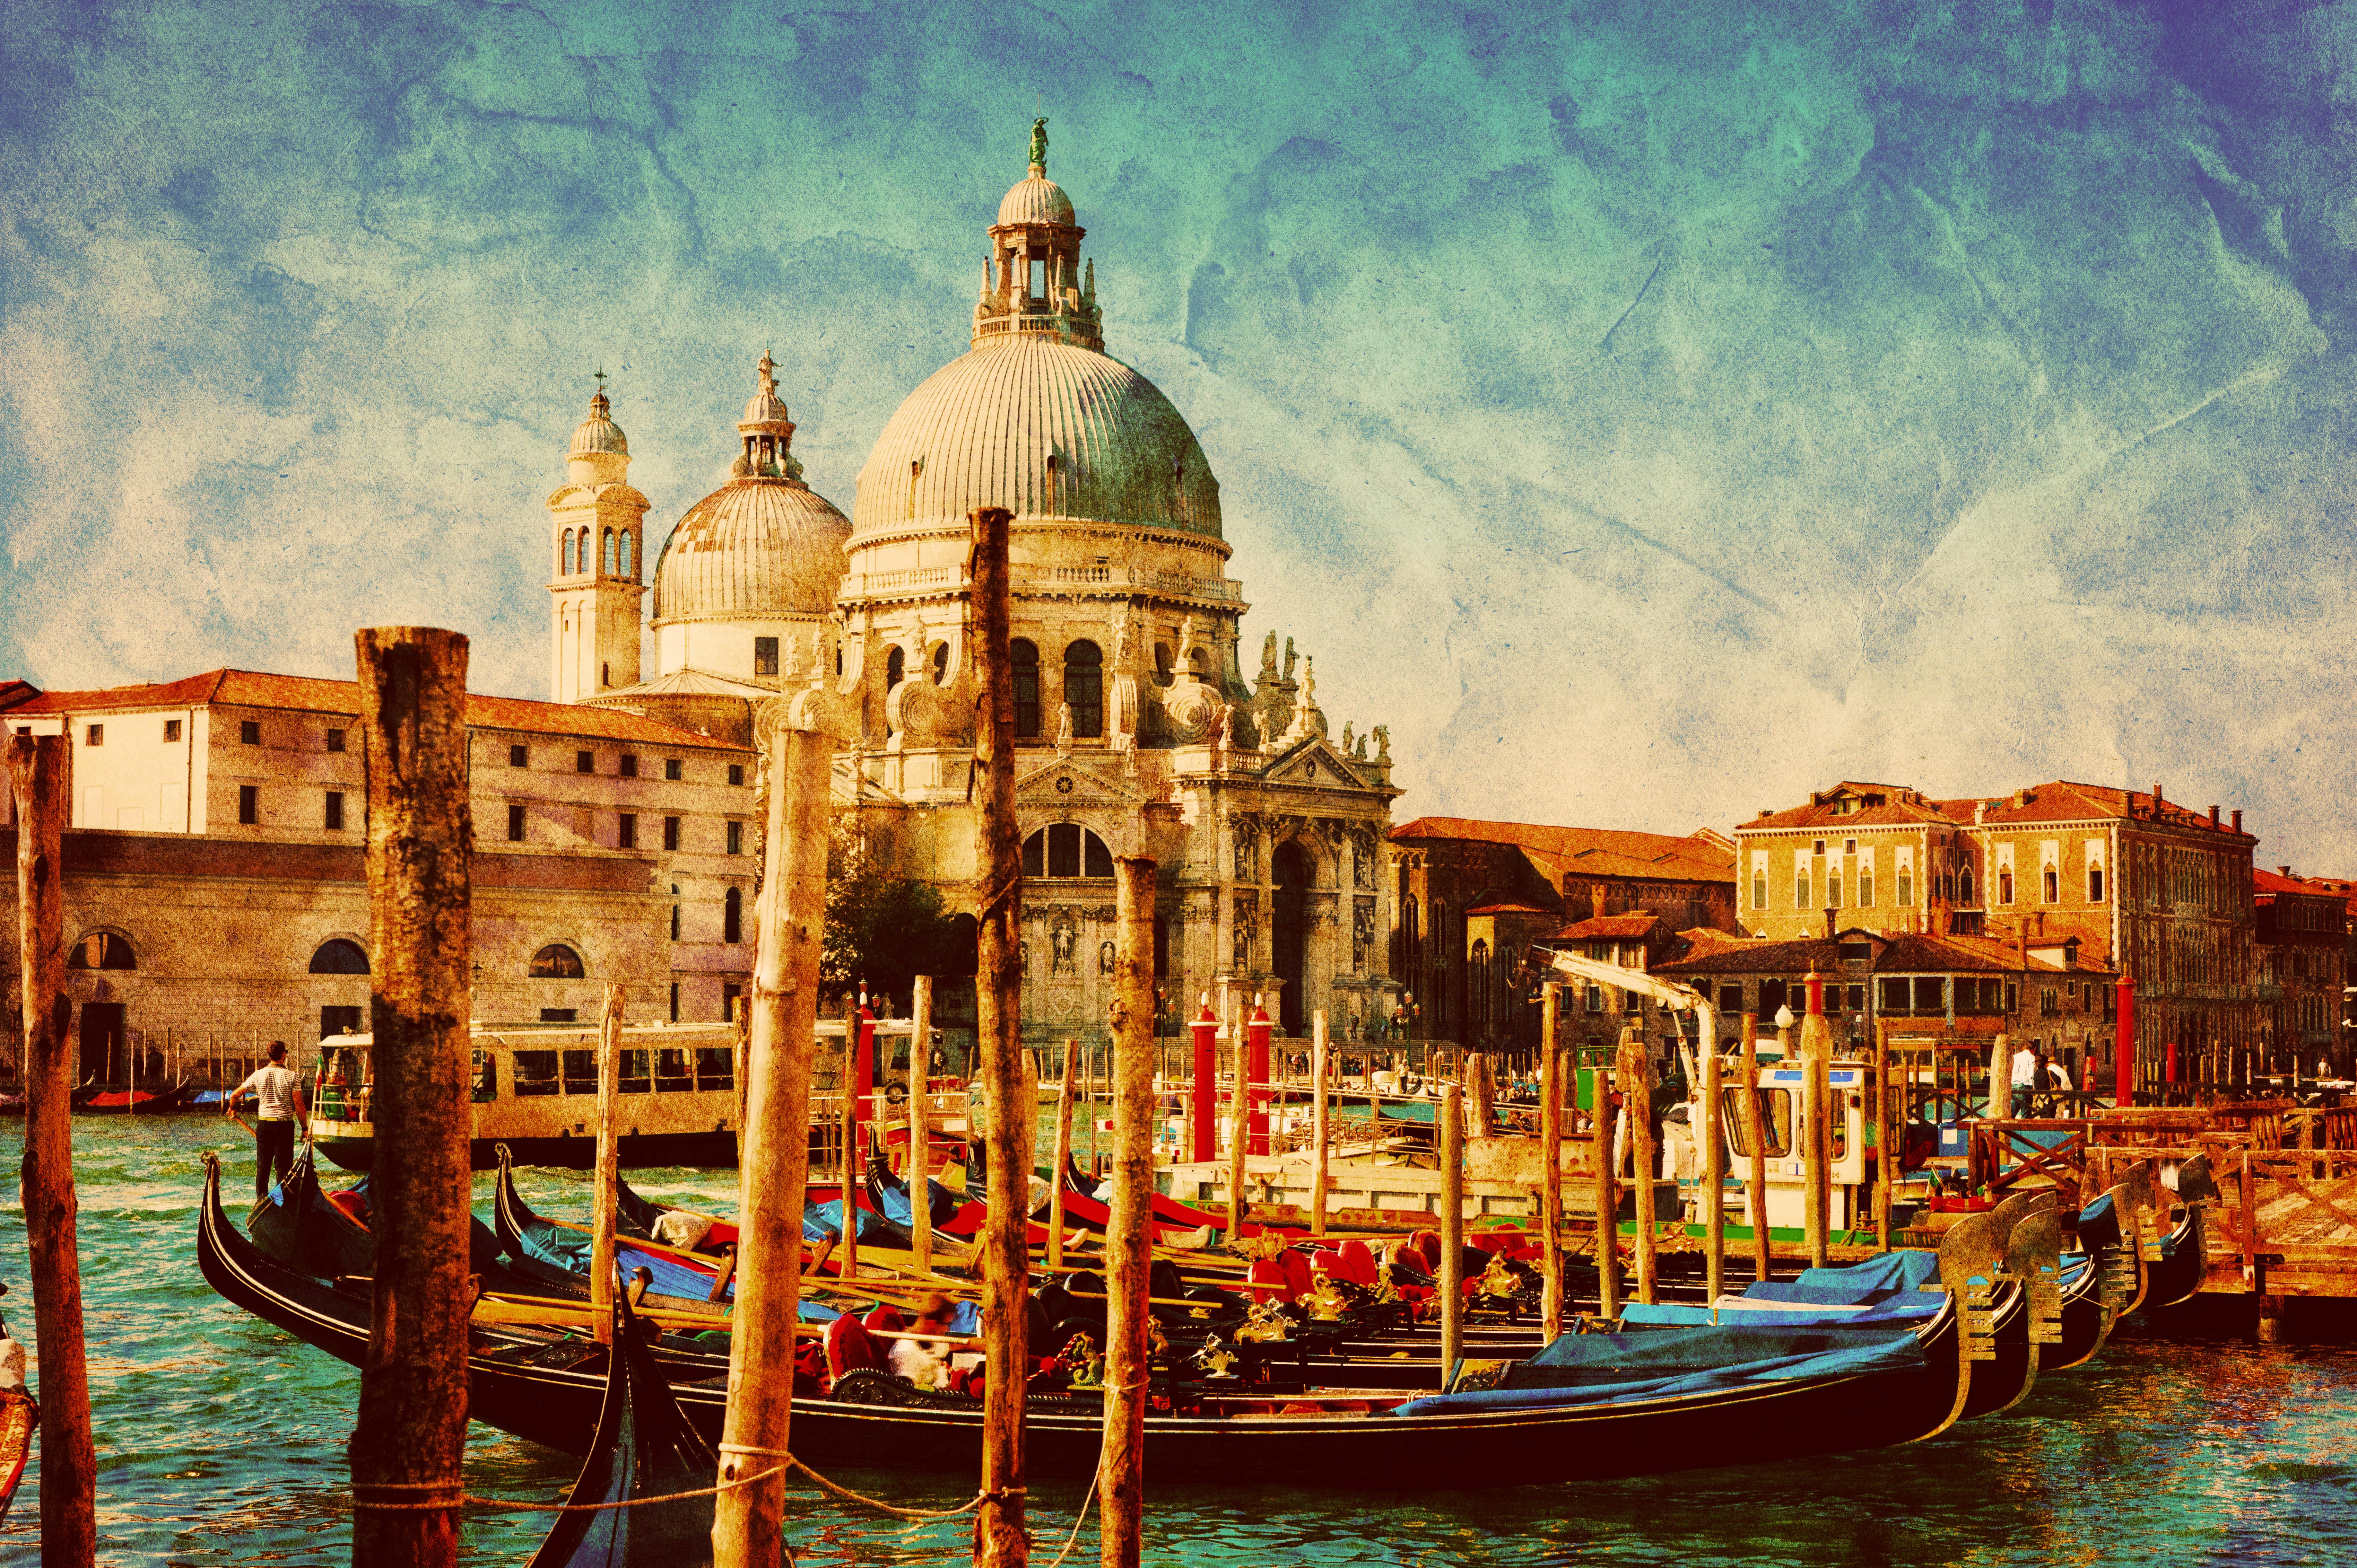 Un nuovo storytelling: come comunicare l'Italia ai turisti nel futuro